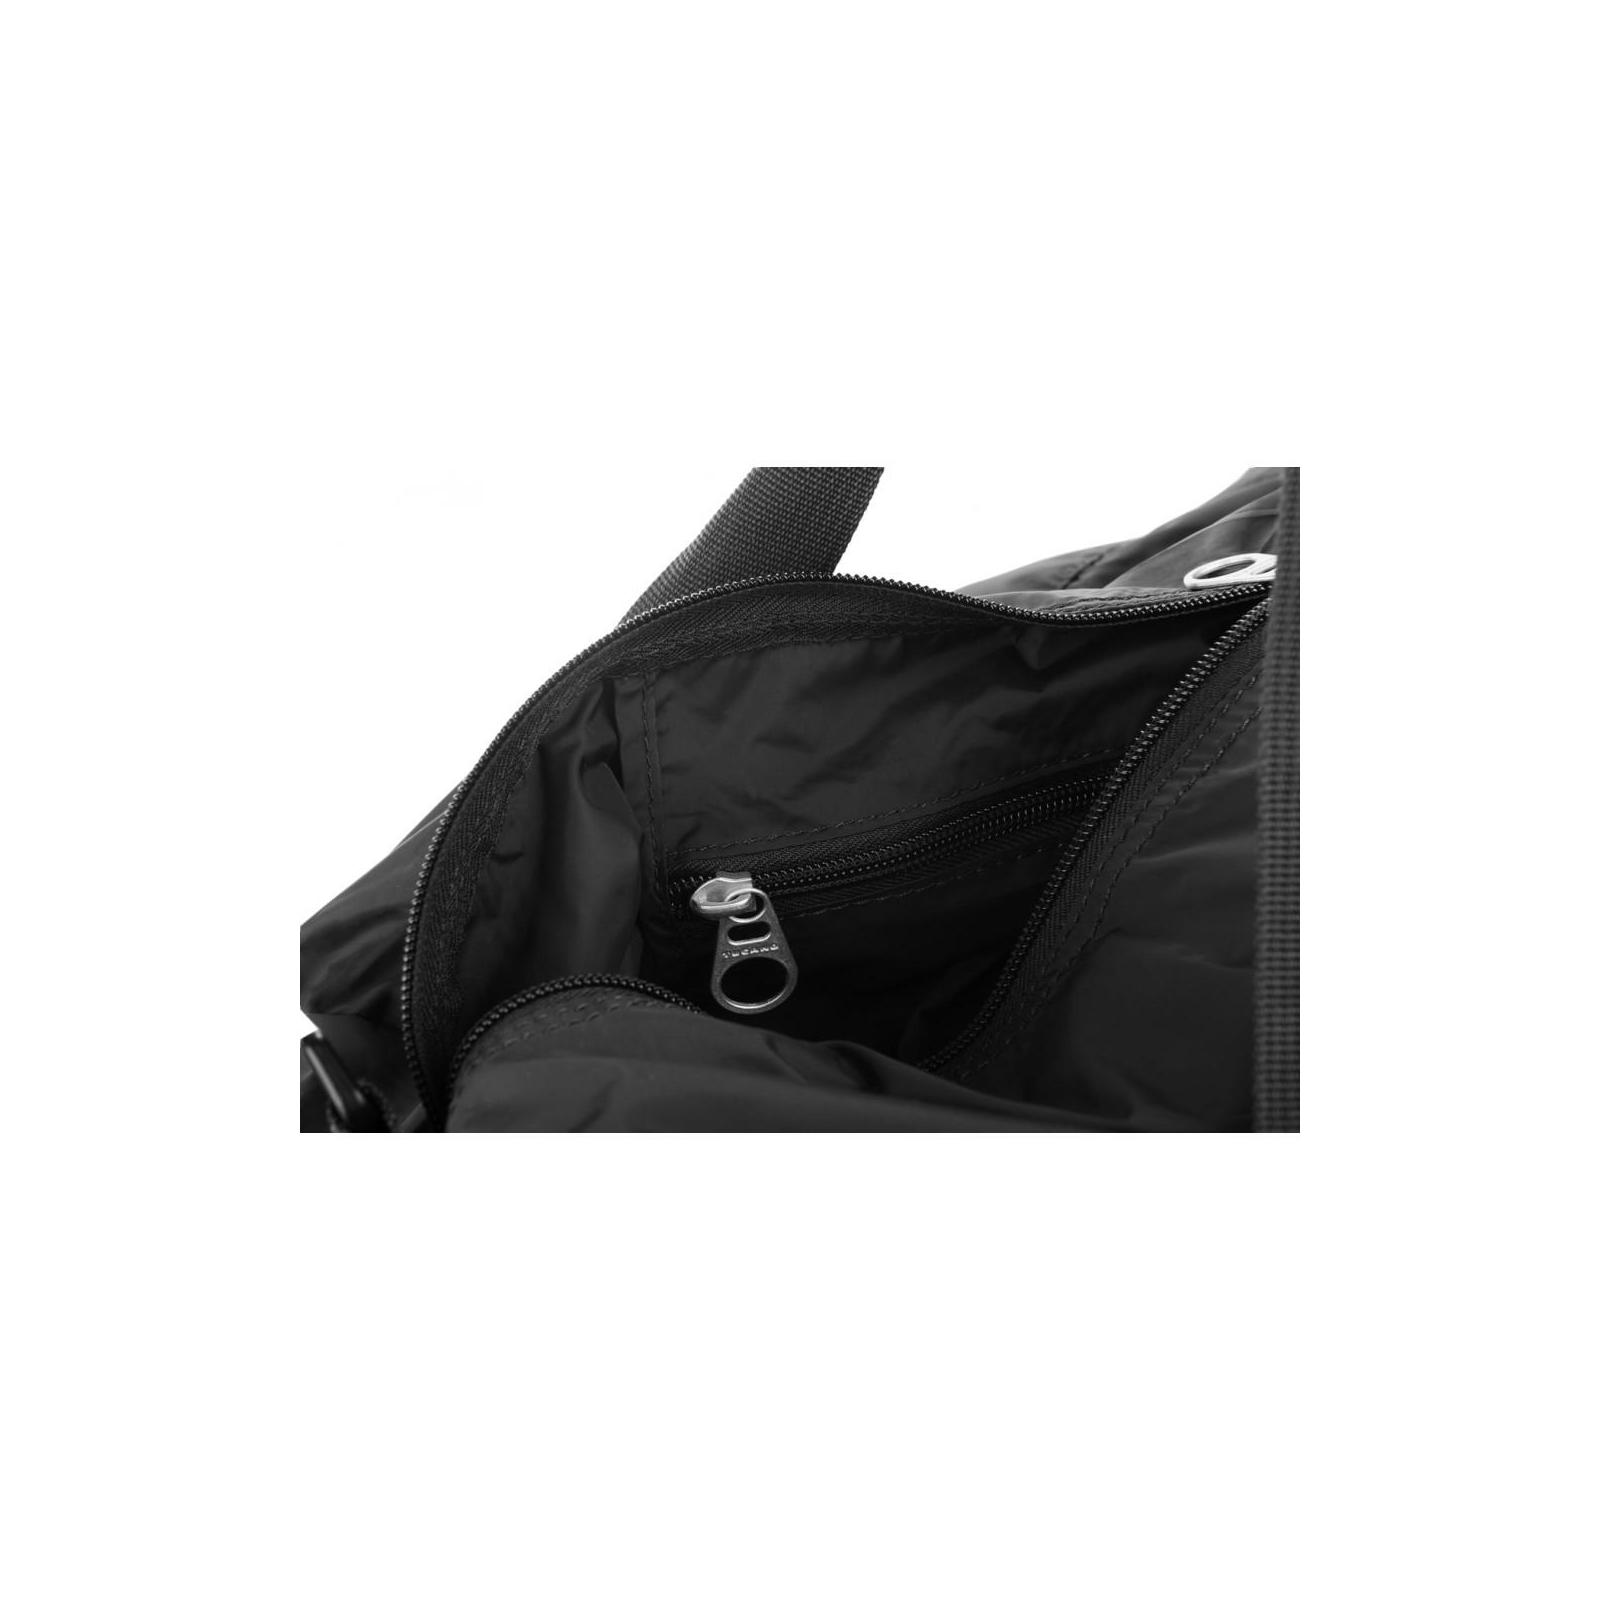 Сумка дорожная Tucano COMPATTO XL WEEKENDER PACKABLE черная (BPCOWE) изображение 5